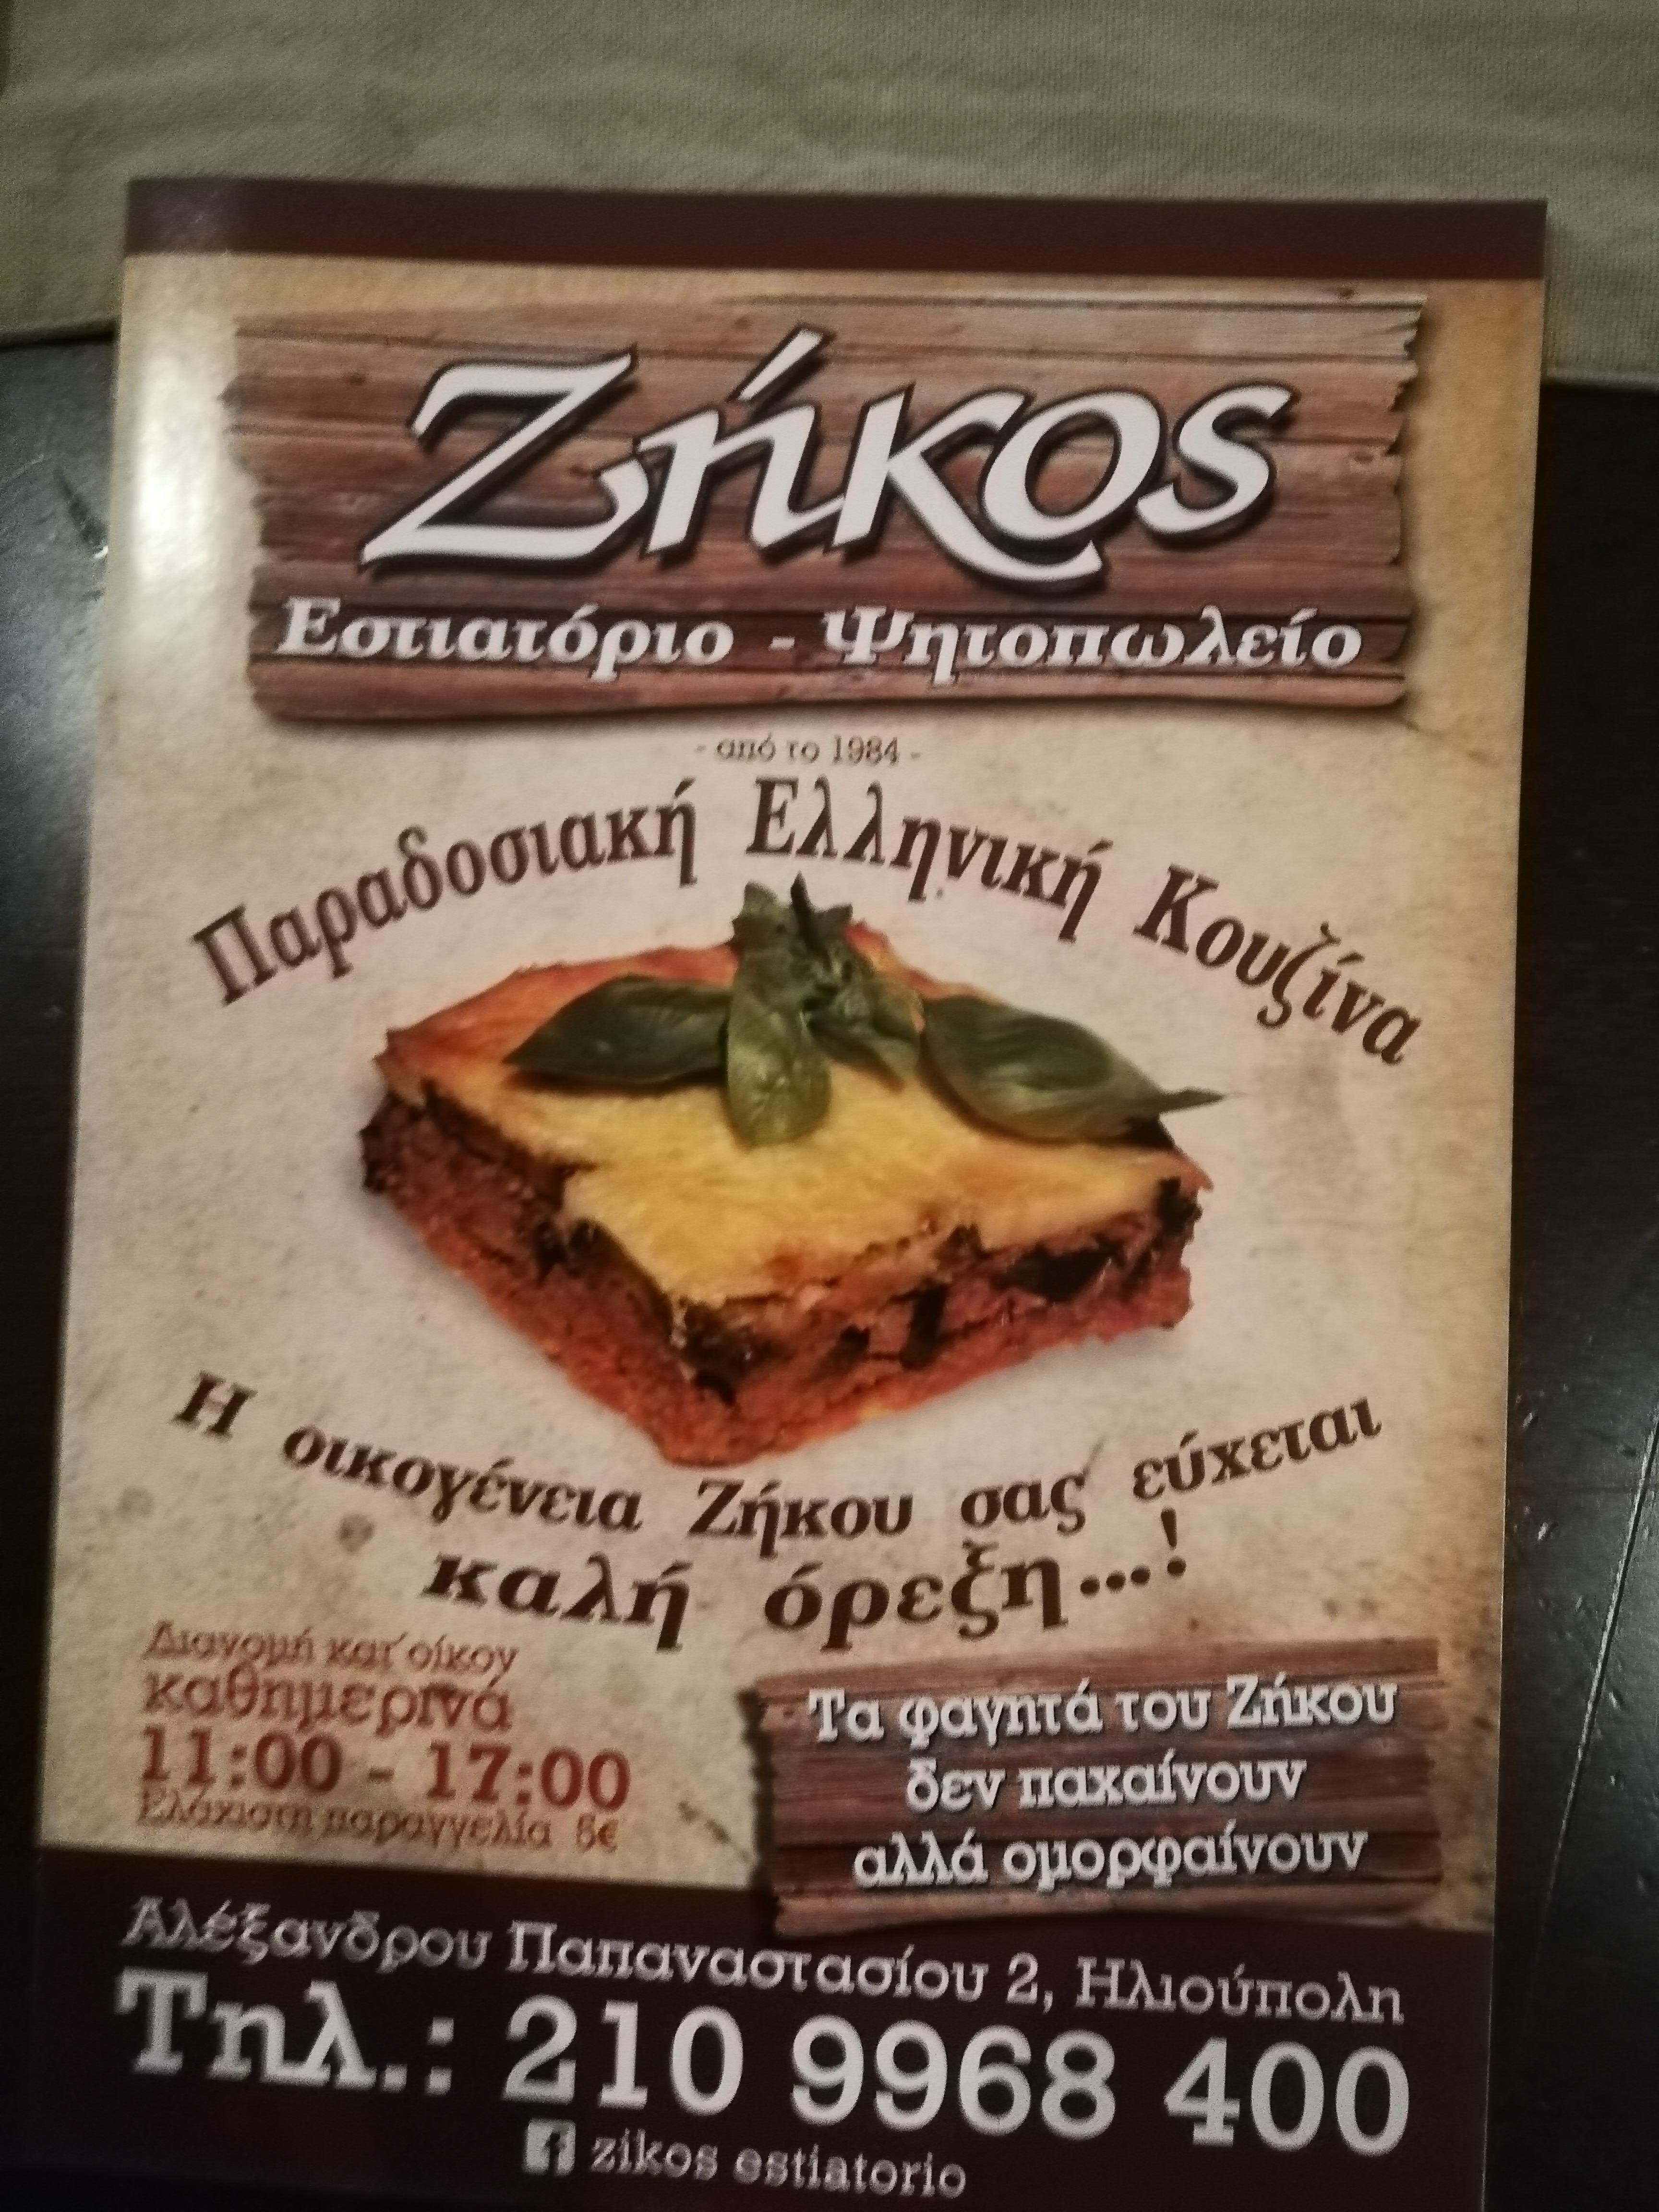 Ζήκος - Η ελληνική παραδοσιακή κουζίνα στα καλύτερά της